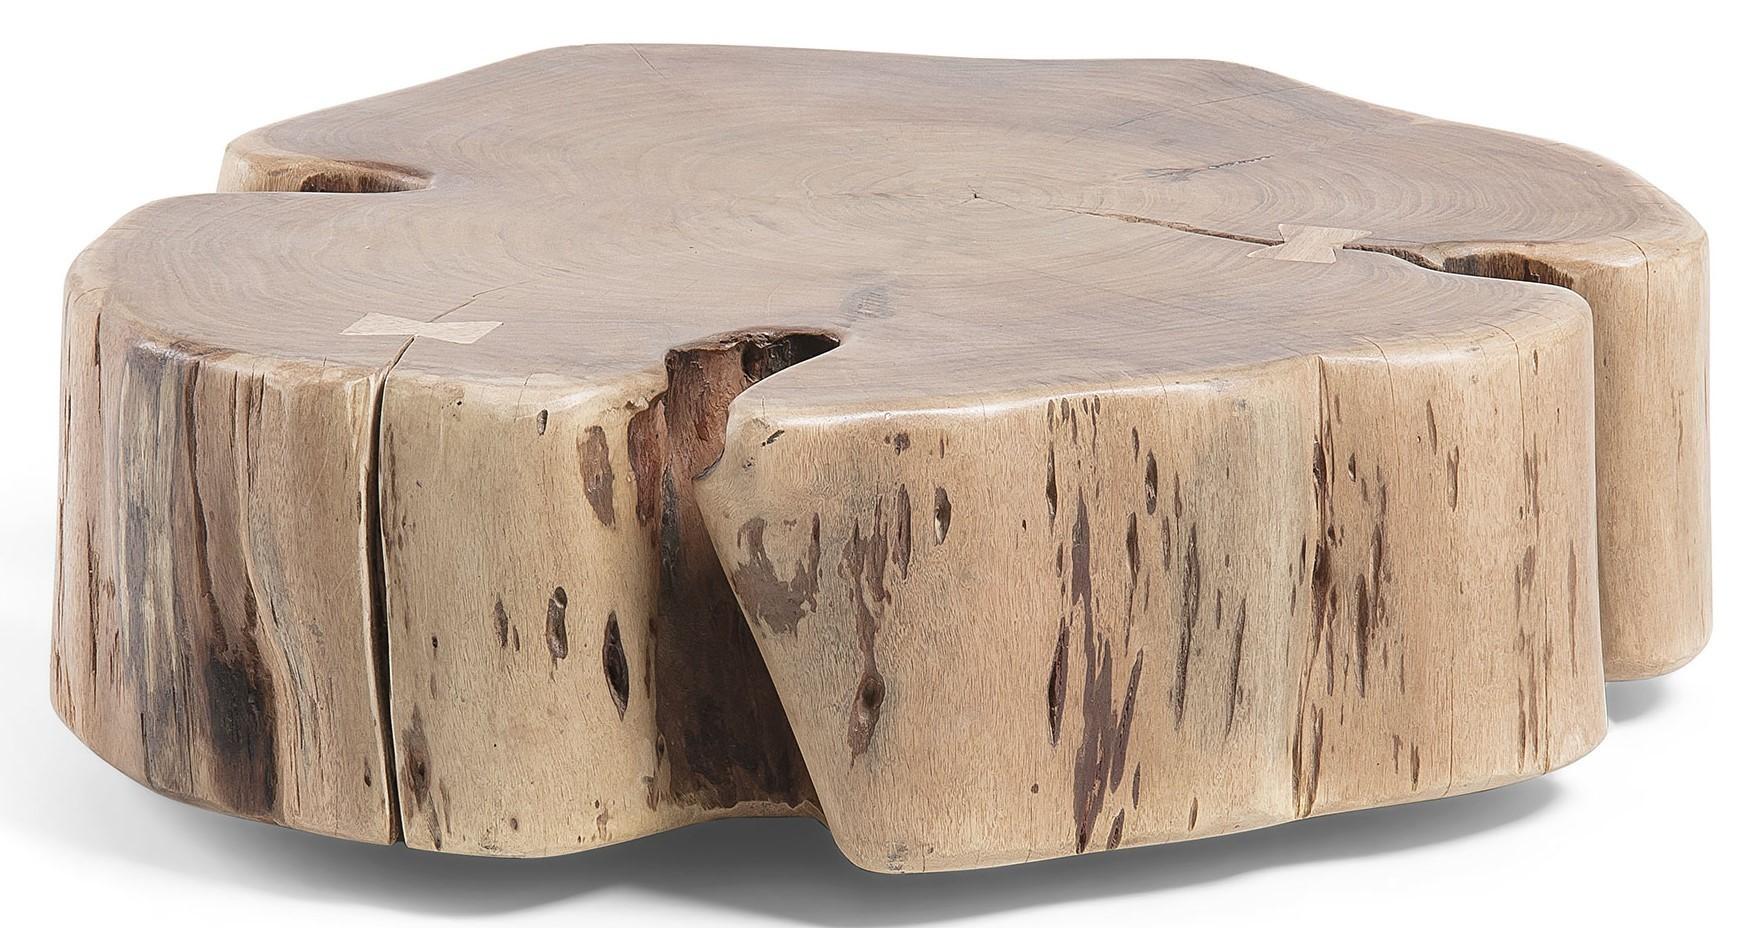 Doni tavolino con ruote in legno massello di acacia livitalia design